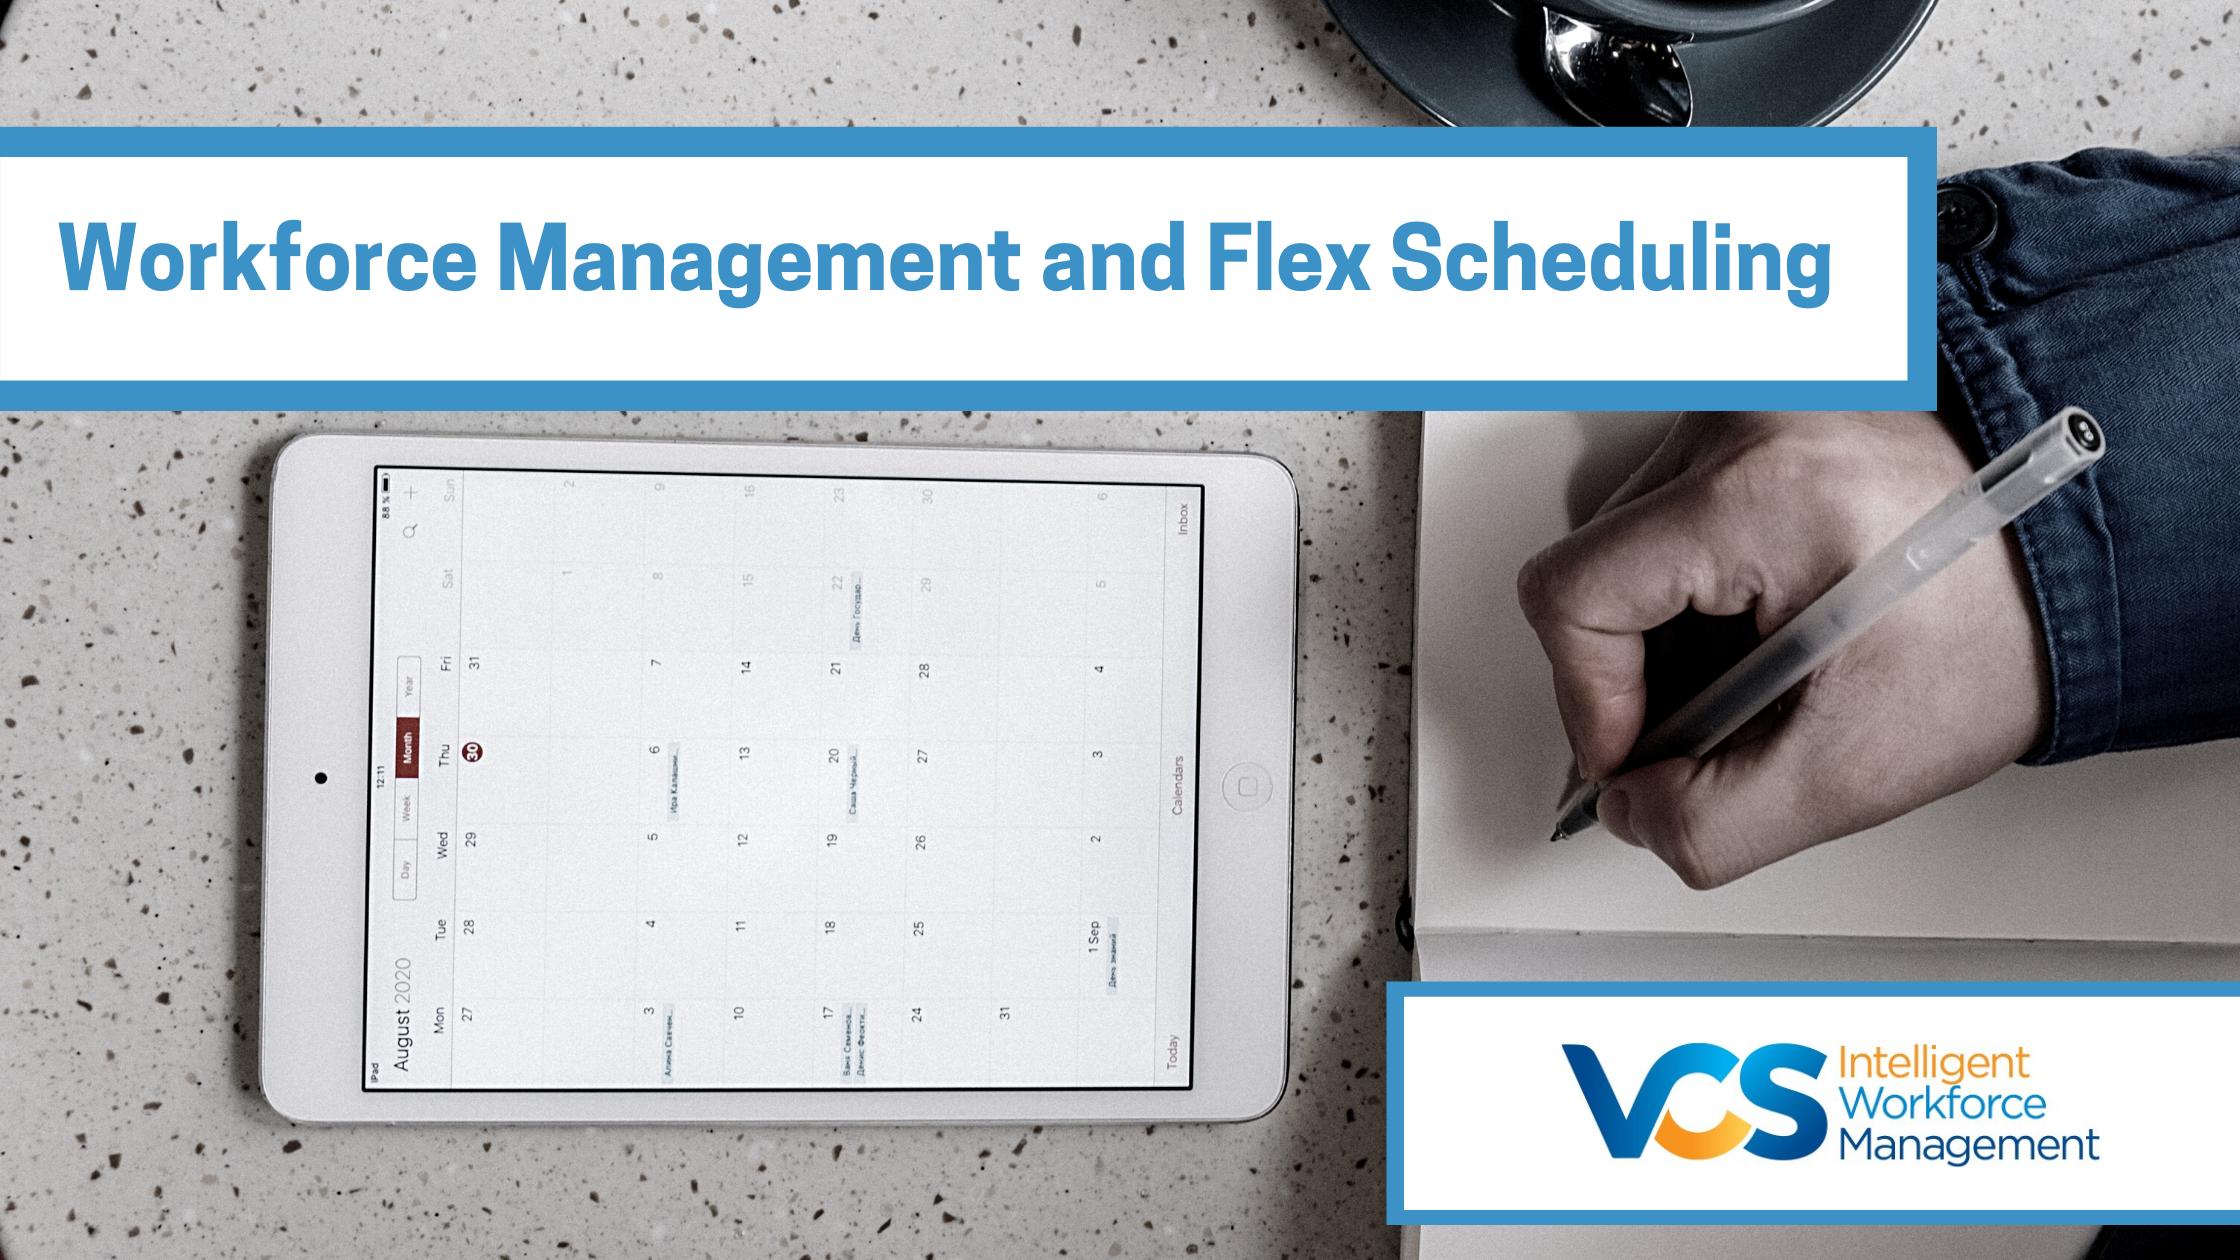 Workforce Management and Flex Scheduling